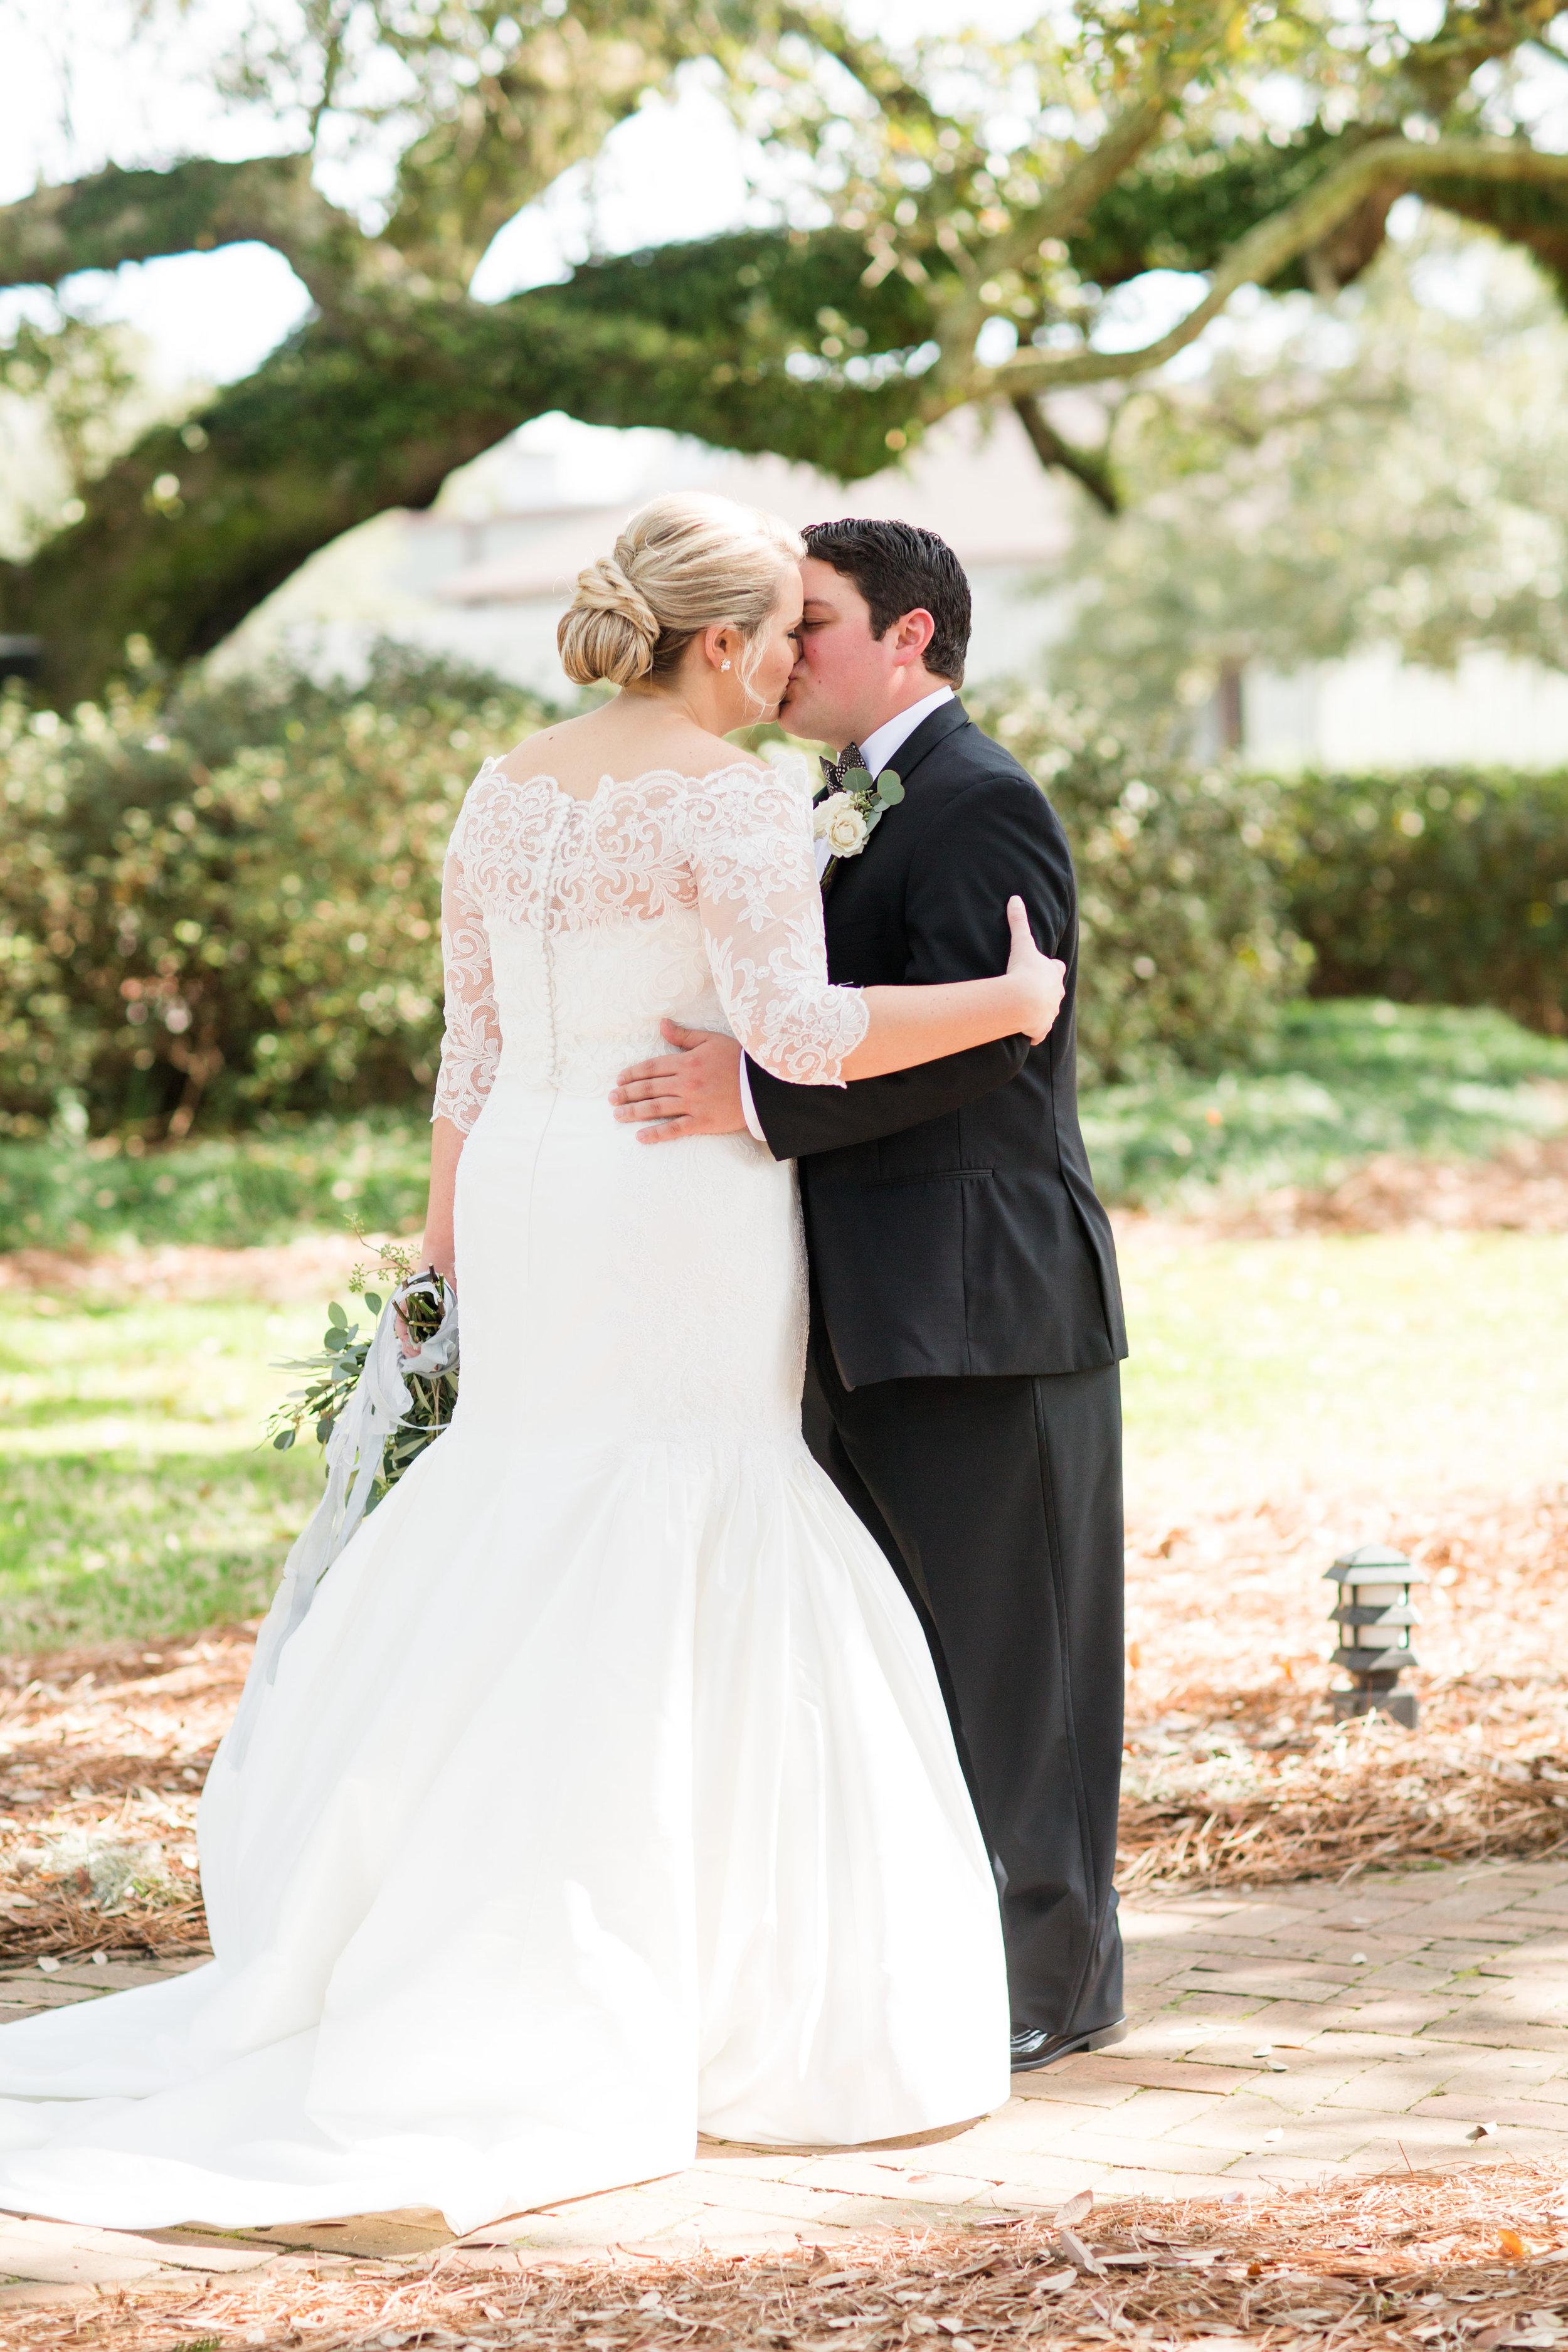 0200-Katie-Trent-Wedding-20489.jpg